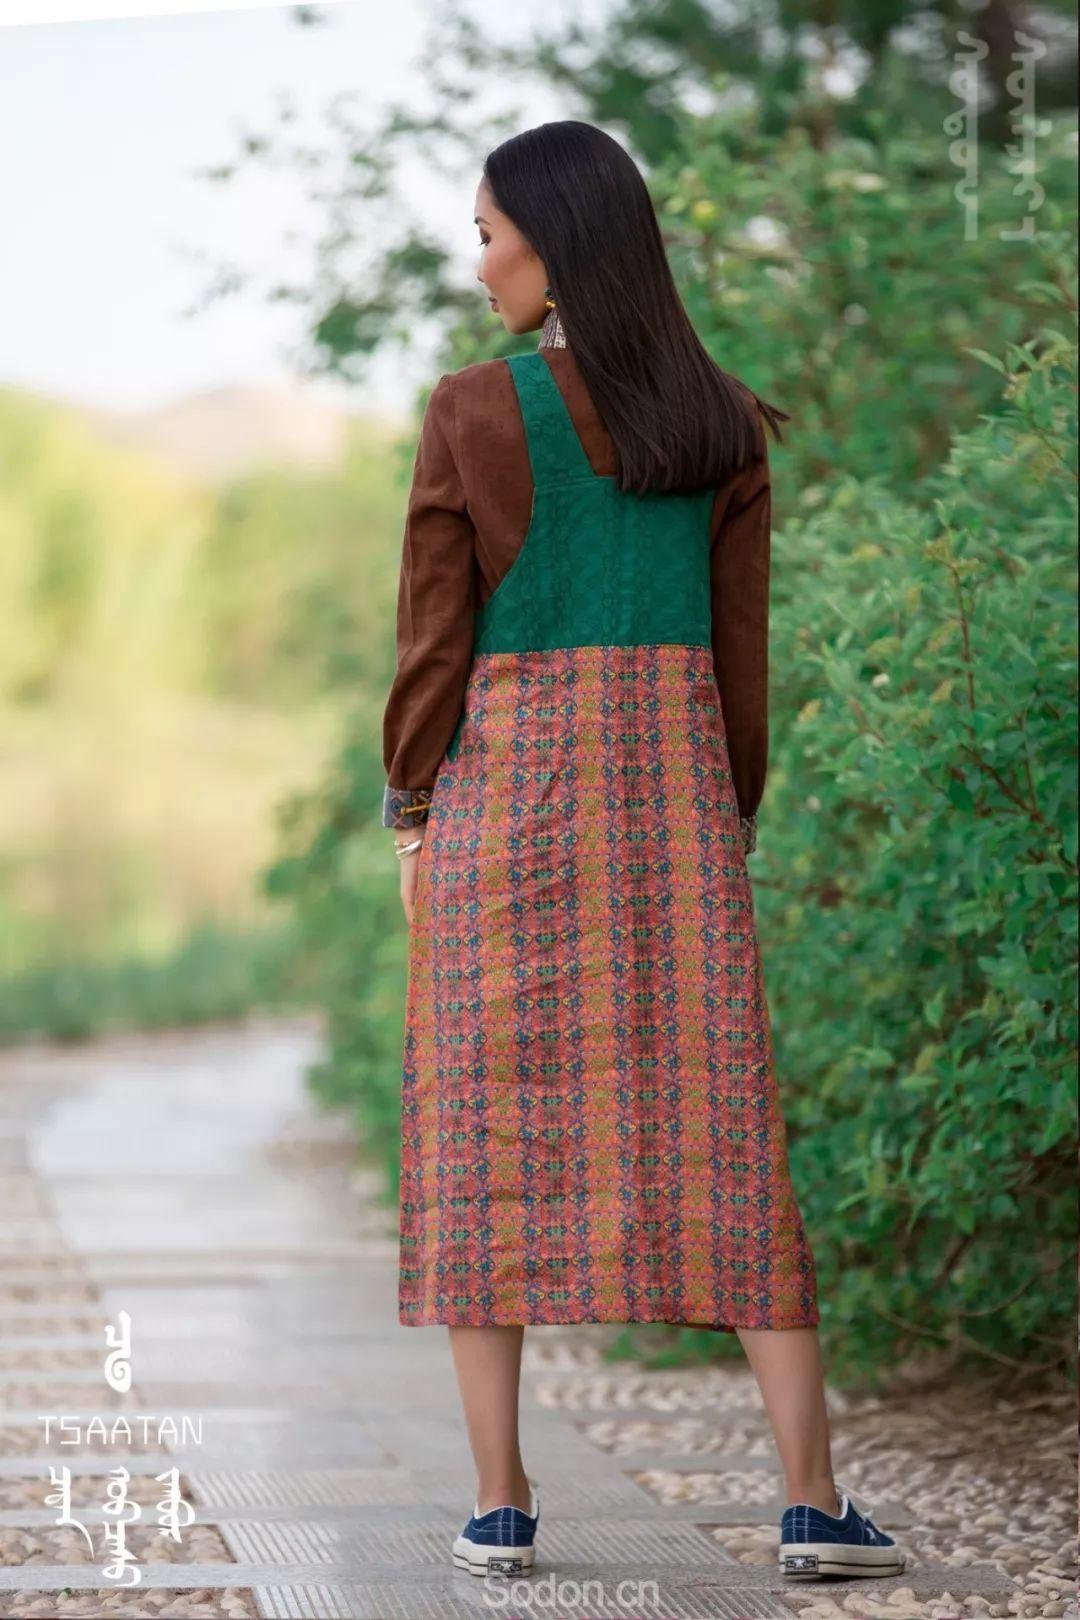 TSAATAN蒙古时装 2019新款,来自驯鹿人的独特魅力! 第85张 TSAATAN蒙古时装 2019新款,来自驯鹿人的独特魅力! 蒙古服饰